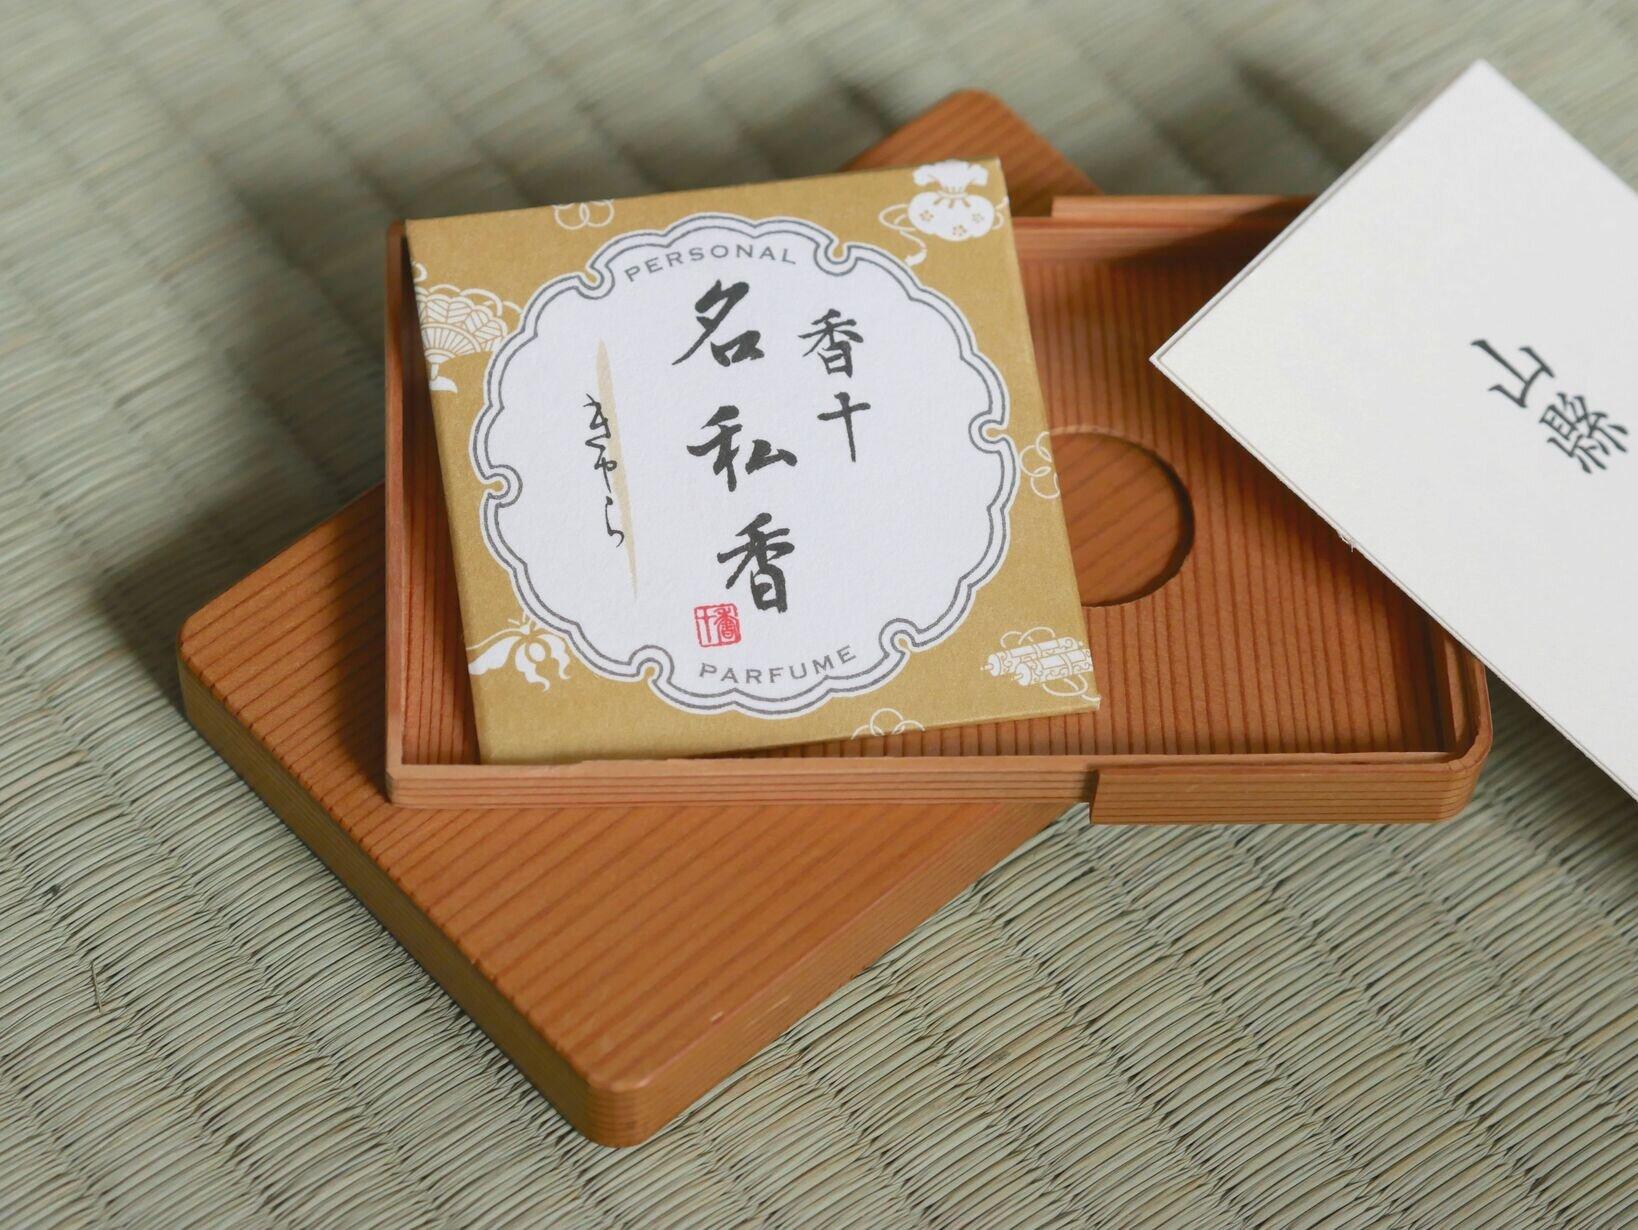 杉のほのかな香りに加えて、香十の名私香の伽羅の香りが名刺に移って、独特の甘い香りを創り上げる。